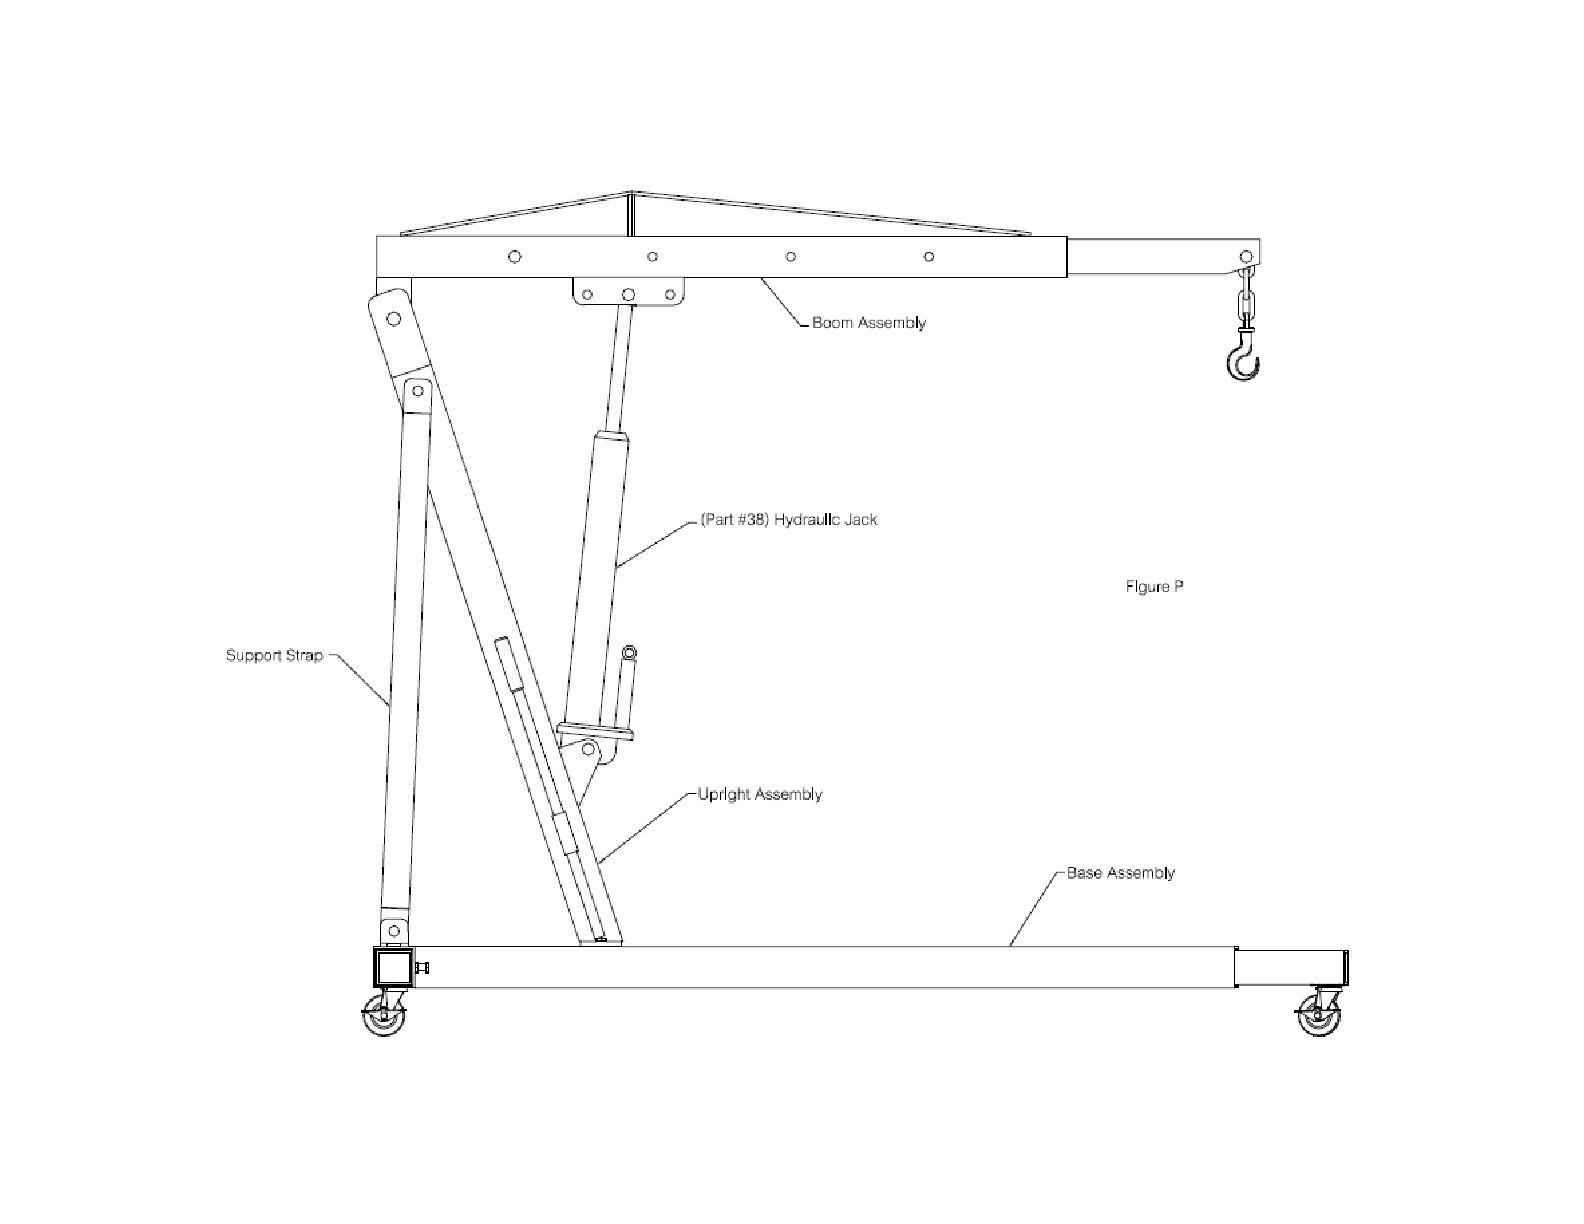 Engine Hoist Diagram - schematic wiring diagramIndex - schematic wiring diagram